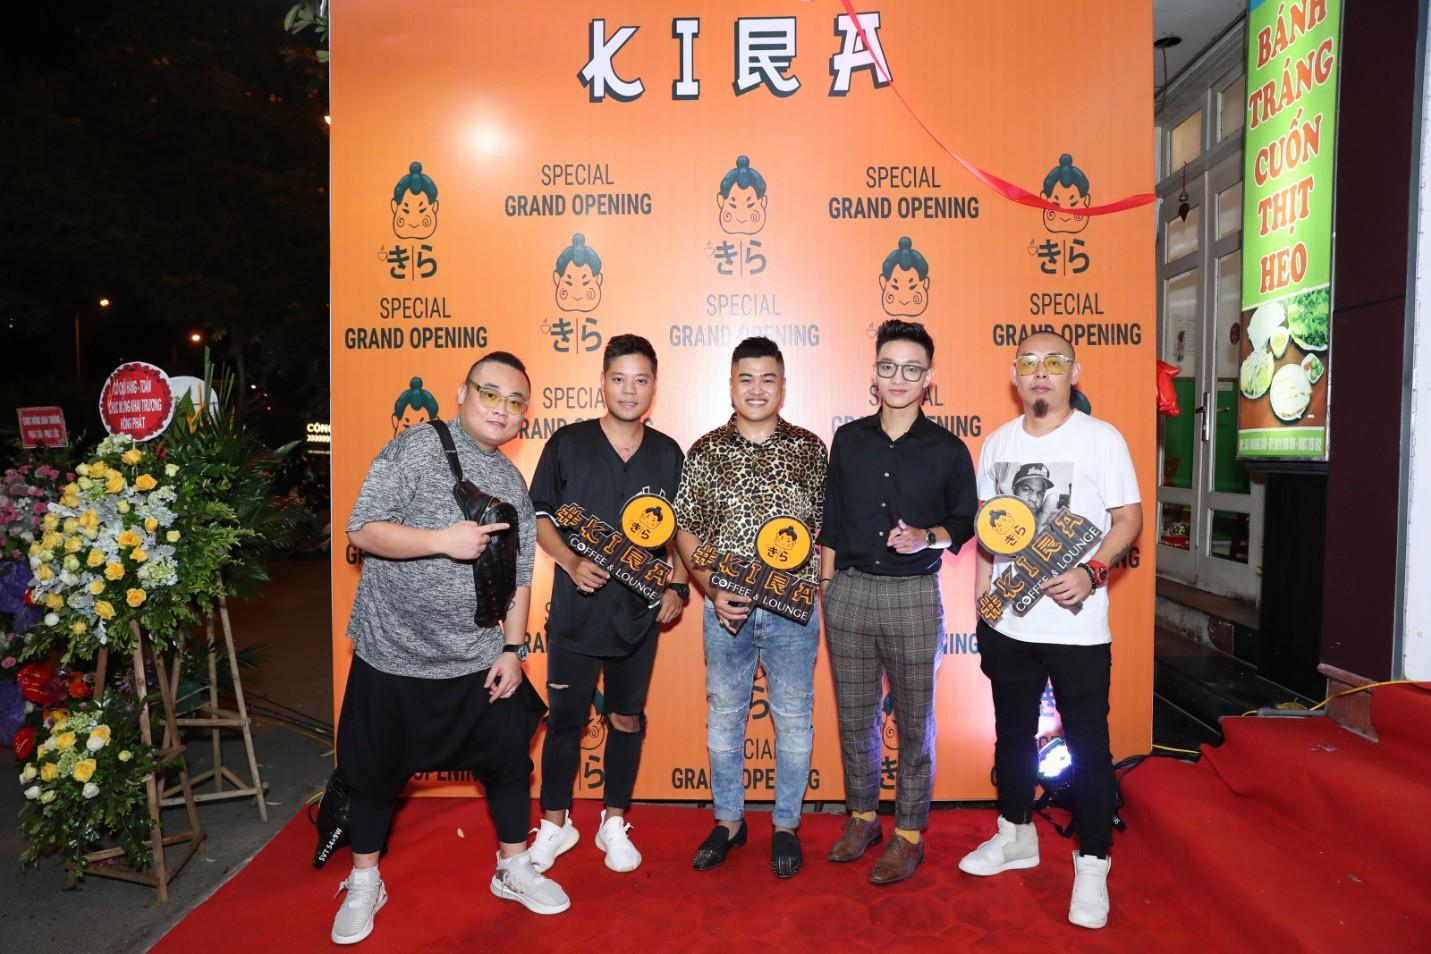 Hoàng Dũng The Voice, Dương Trần Nghĩa và FatB quẩy tưng bừng tại Kira Coffee & Lounge - Ảnh 1.